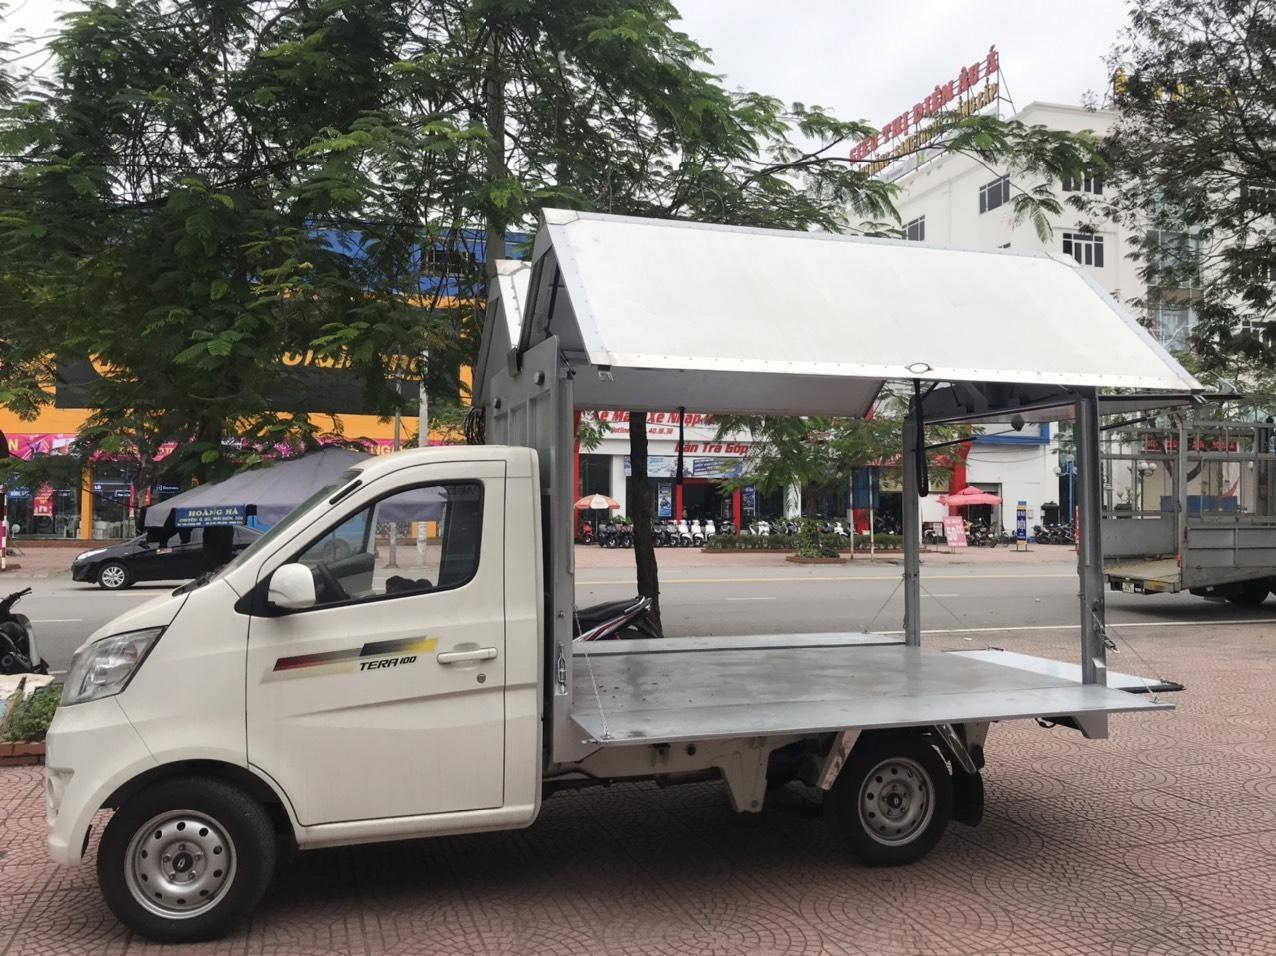 Đại lý bán xe tải Tera 9 tạ Teraco T100 tại Hải Phòng giá rẻ